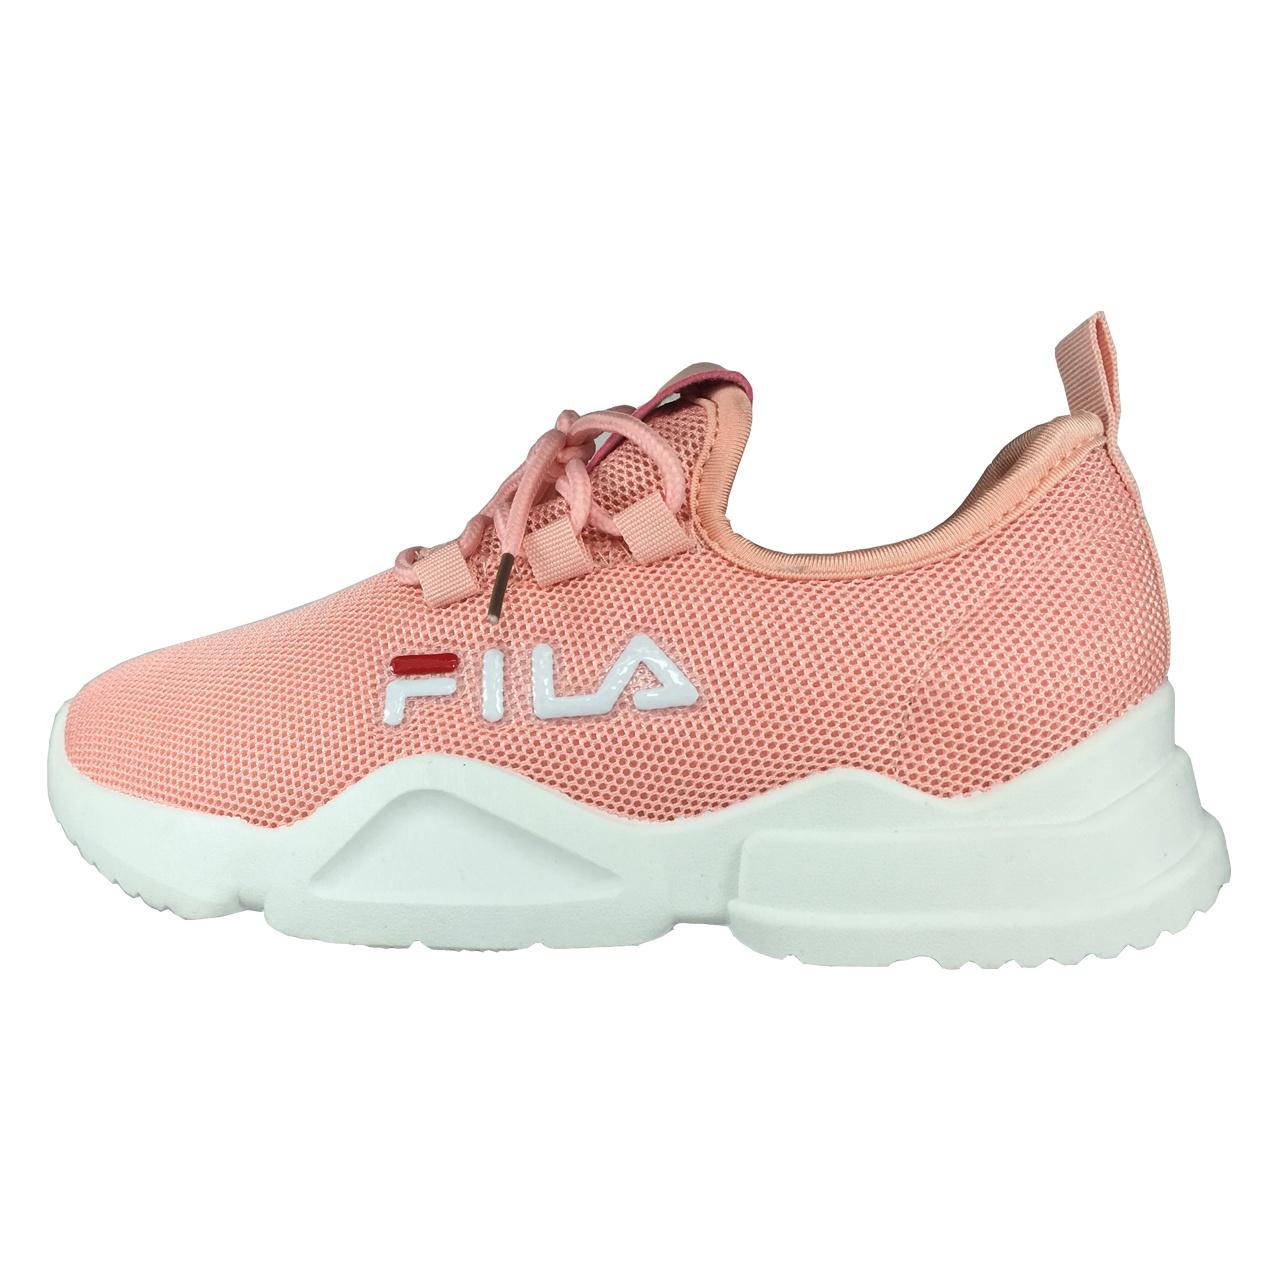 کفش مخصوص پیاده روی زنانه مدل B451 رنگ صورتی